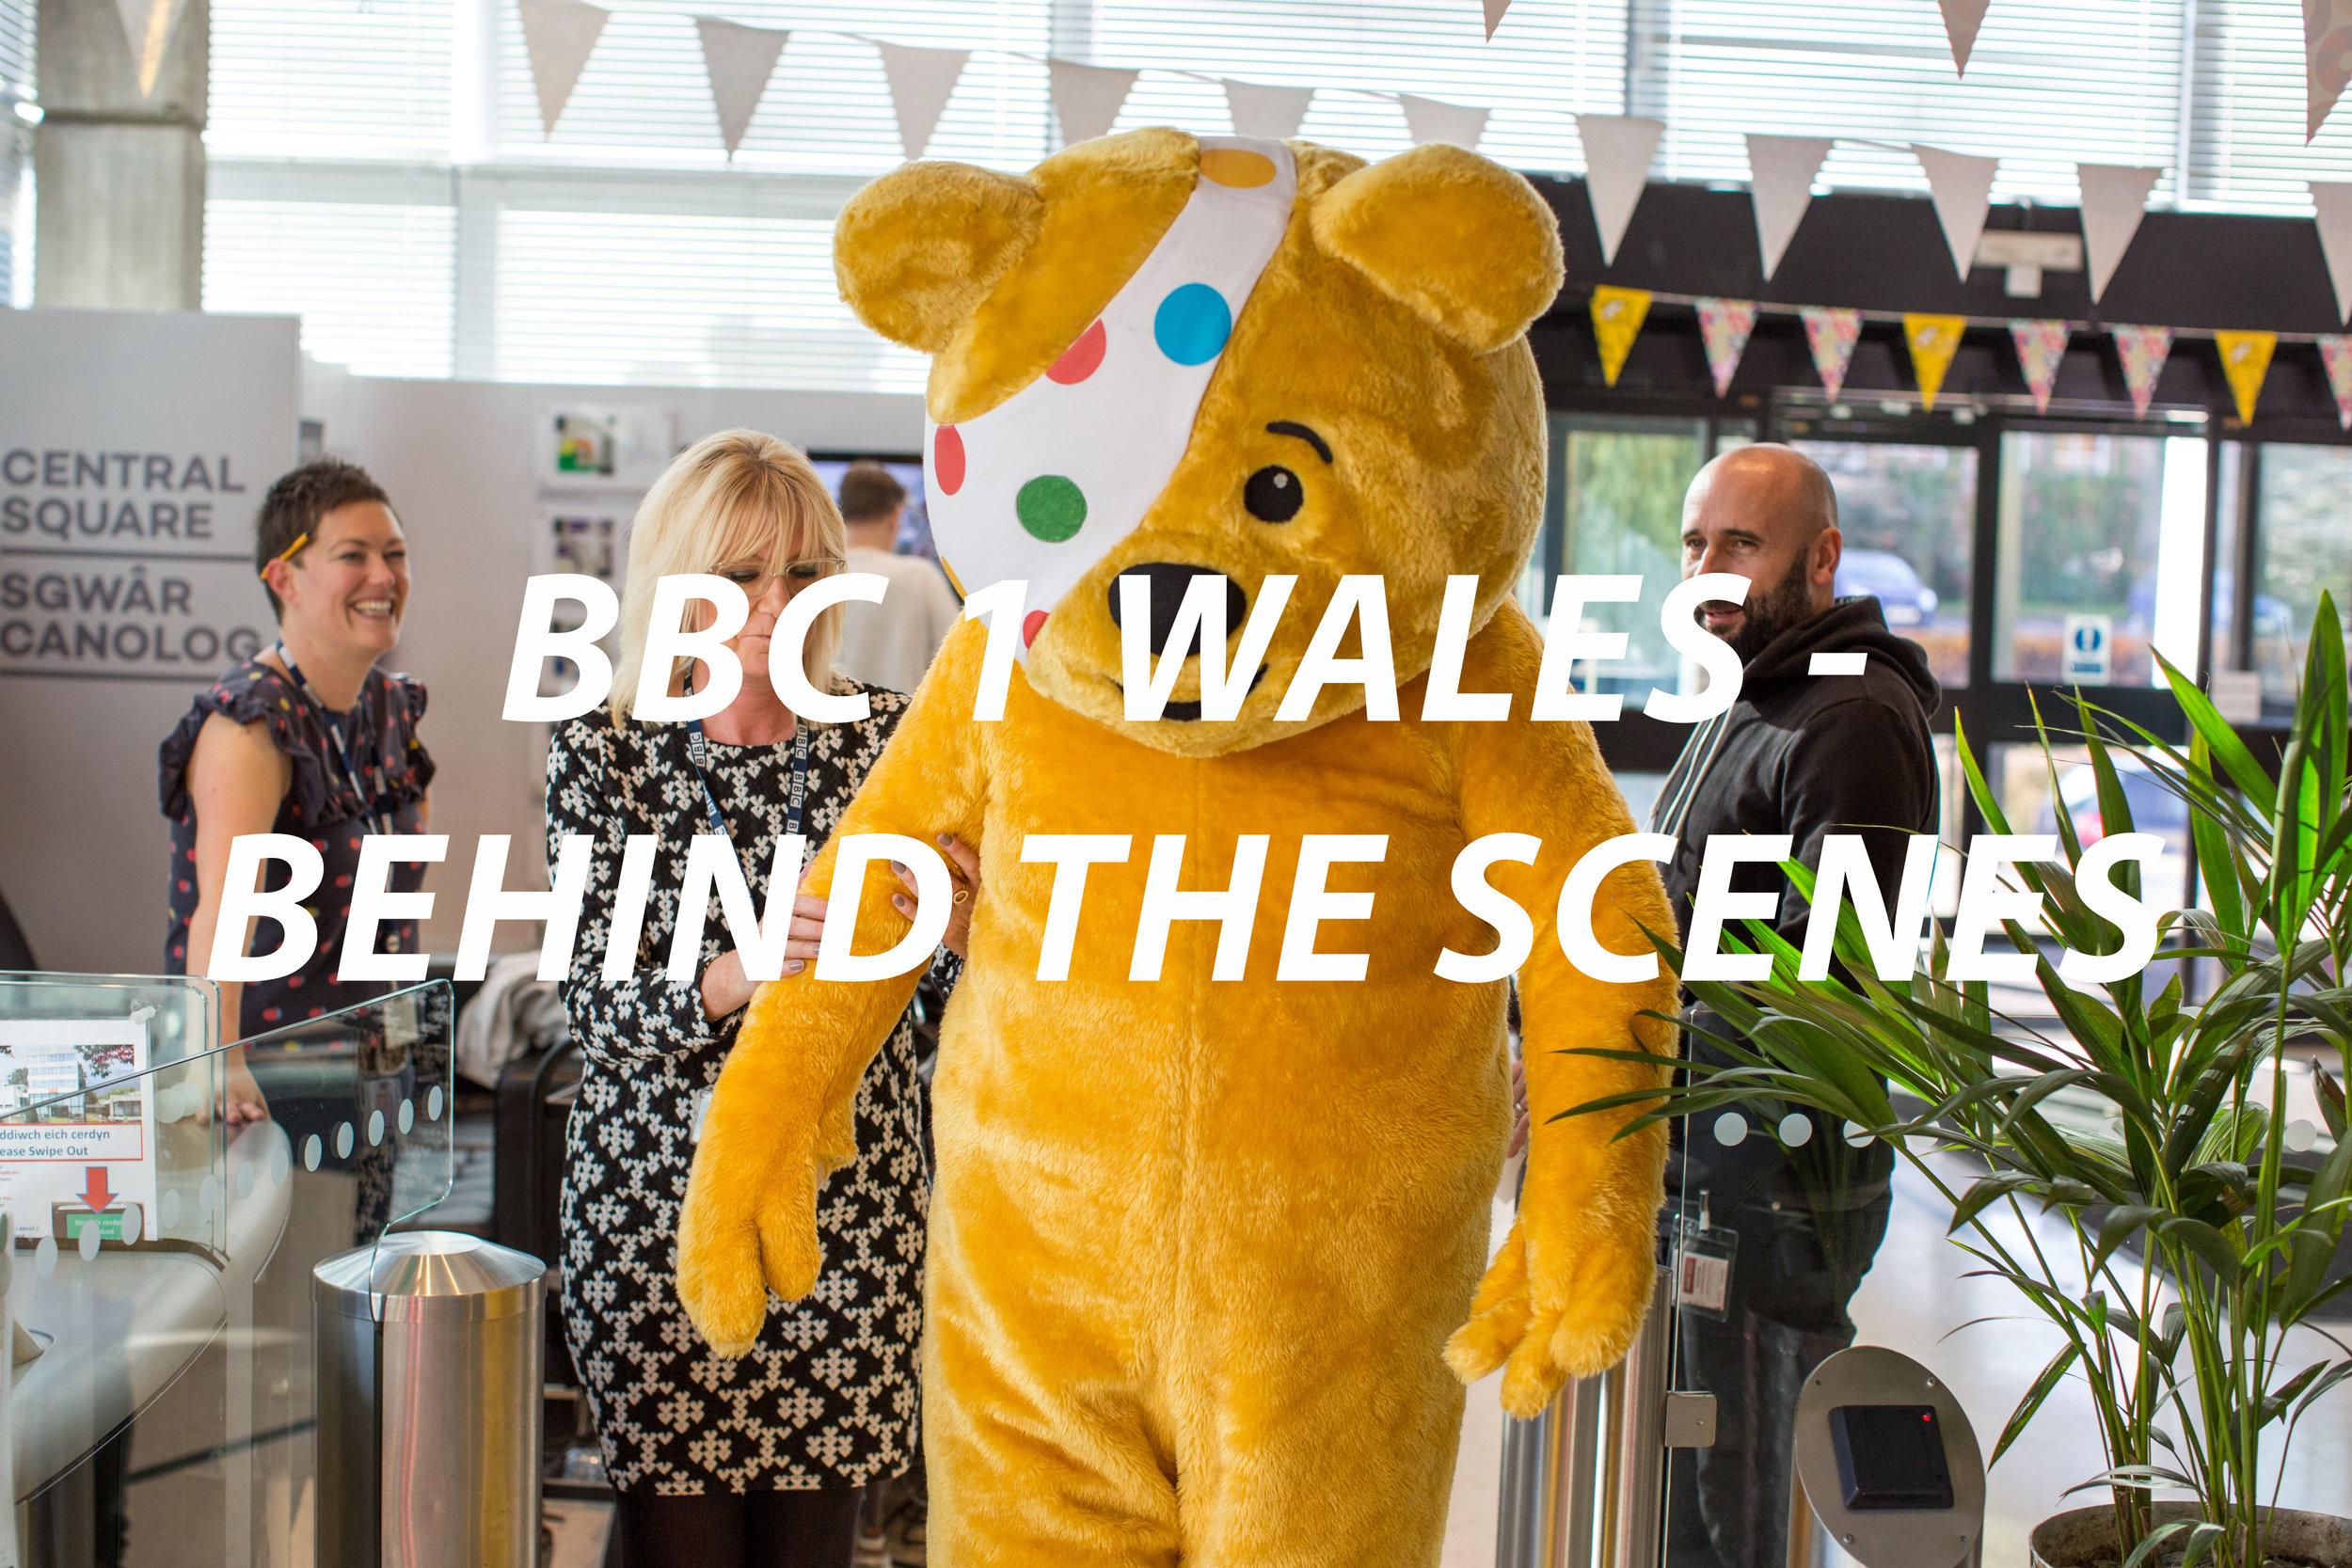 bbc 1 wales - behind the scenes.jpg